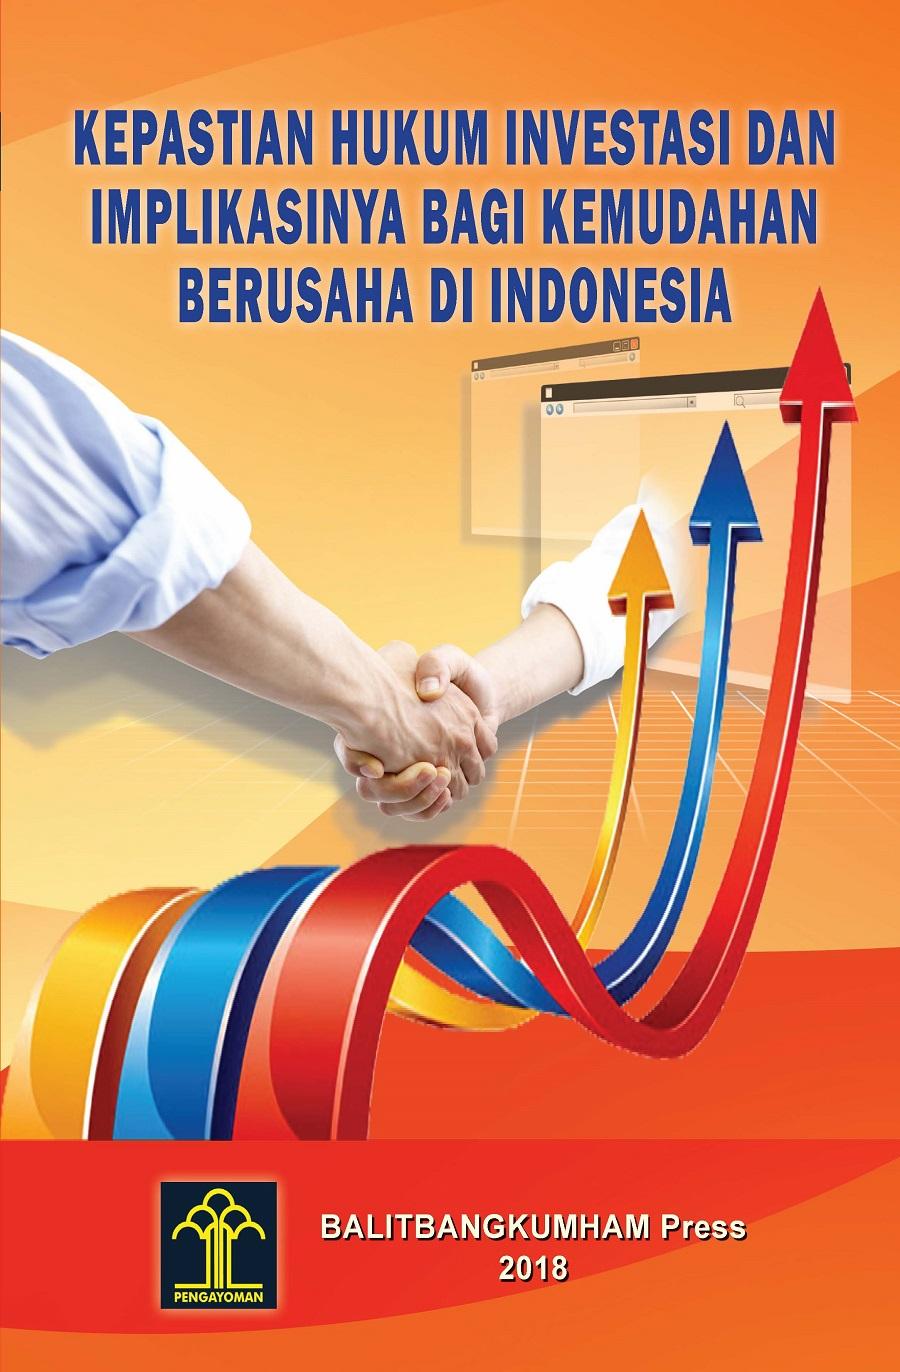 Kepastian Hukum Investasi dan Implikasinya bagi Kemudahan Berusaha di Indonesia